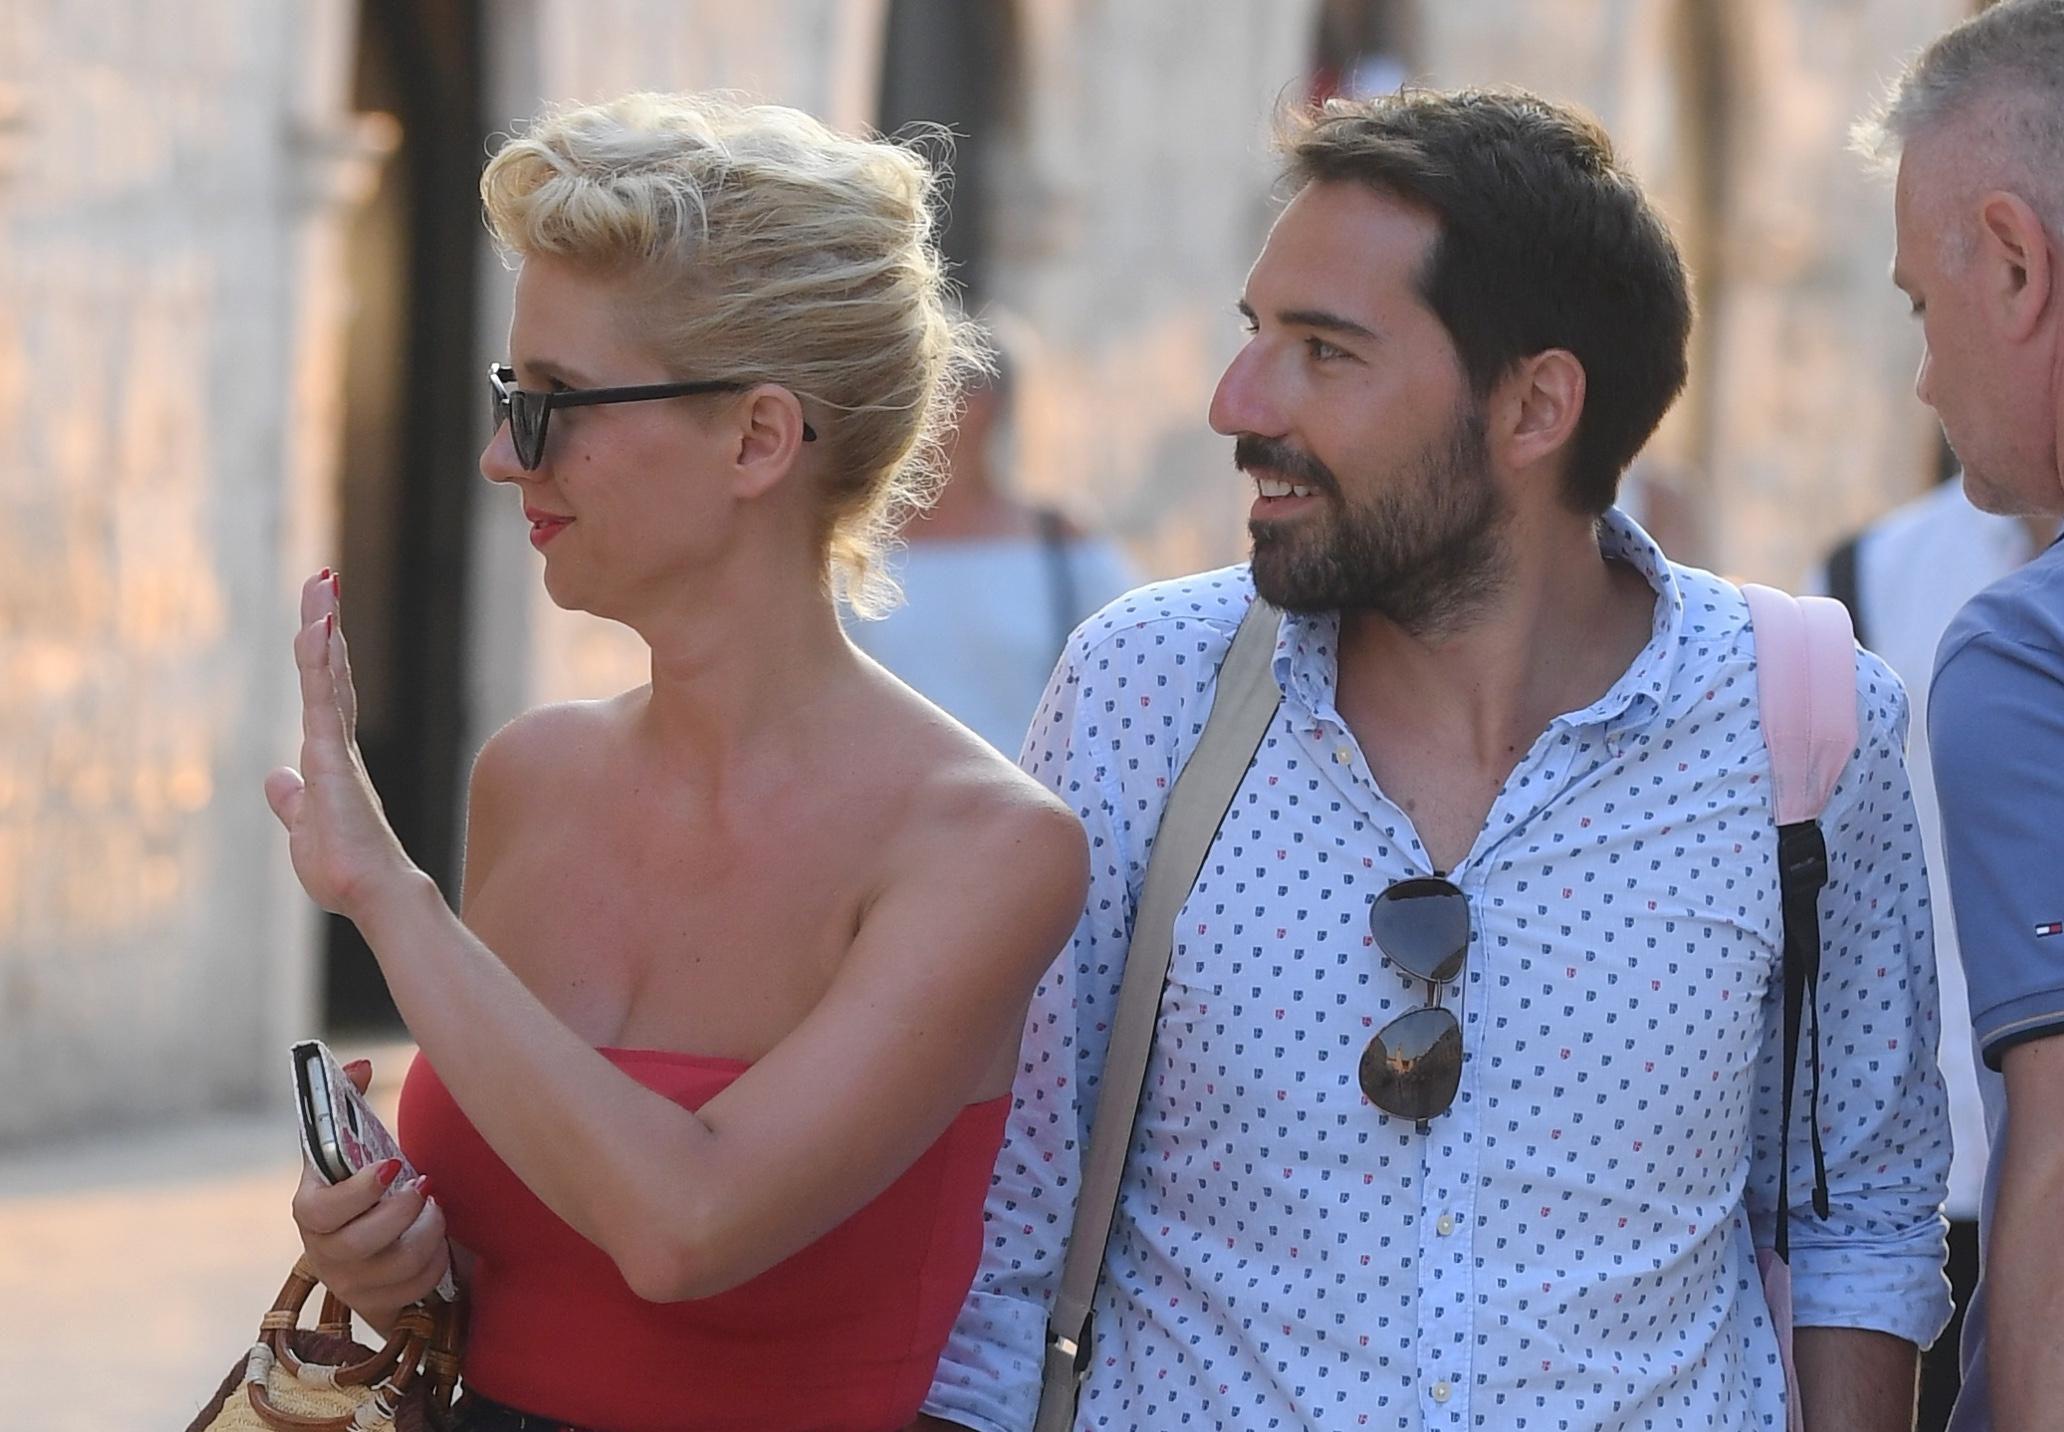 S dubrovačkih ulica: Dugo nismo vidjeli ovako fantastično usklađen par!